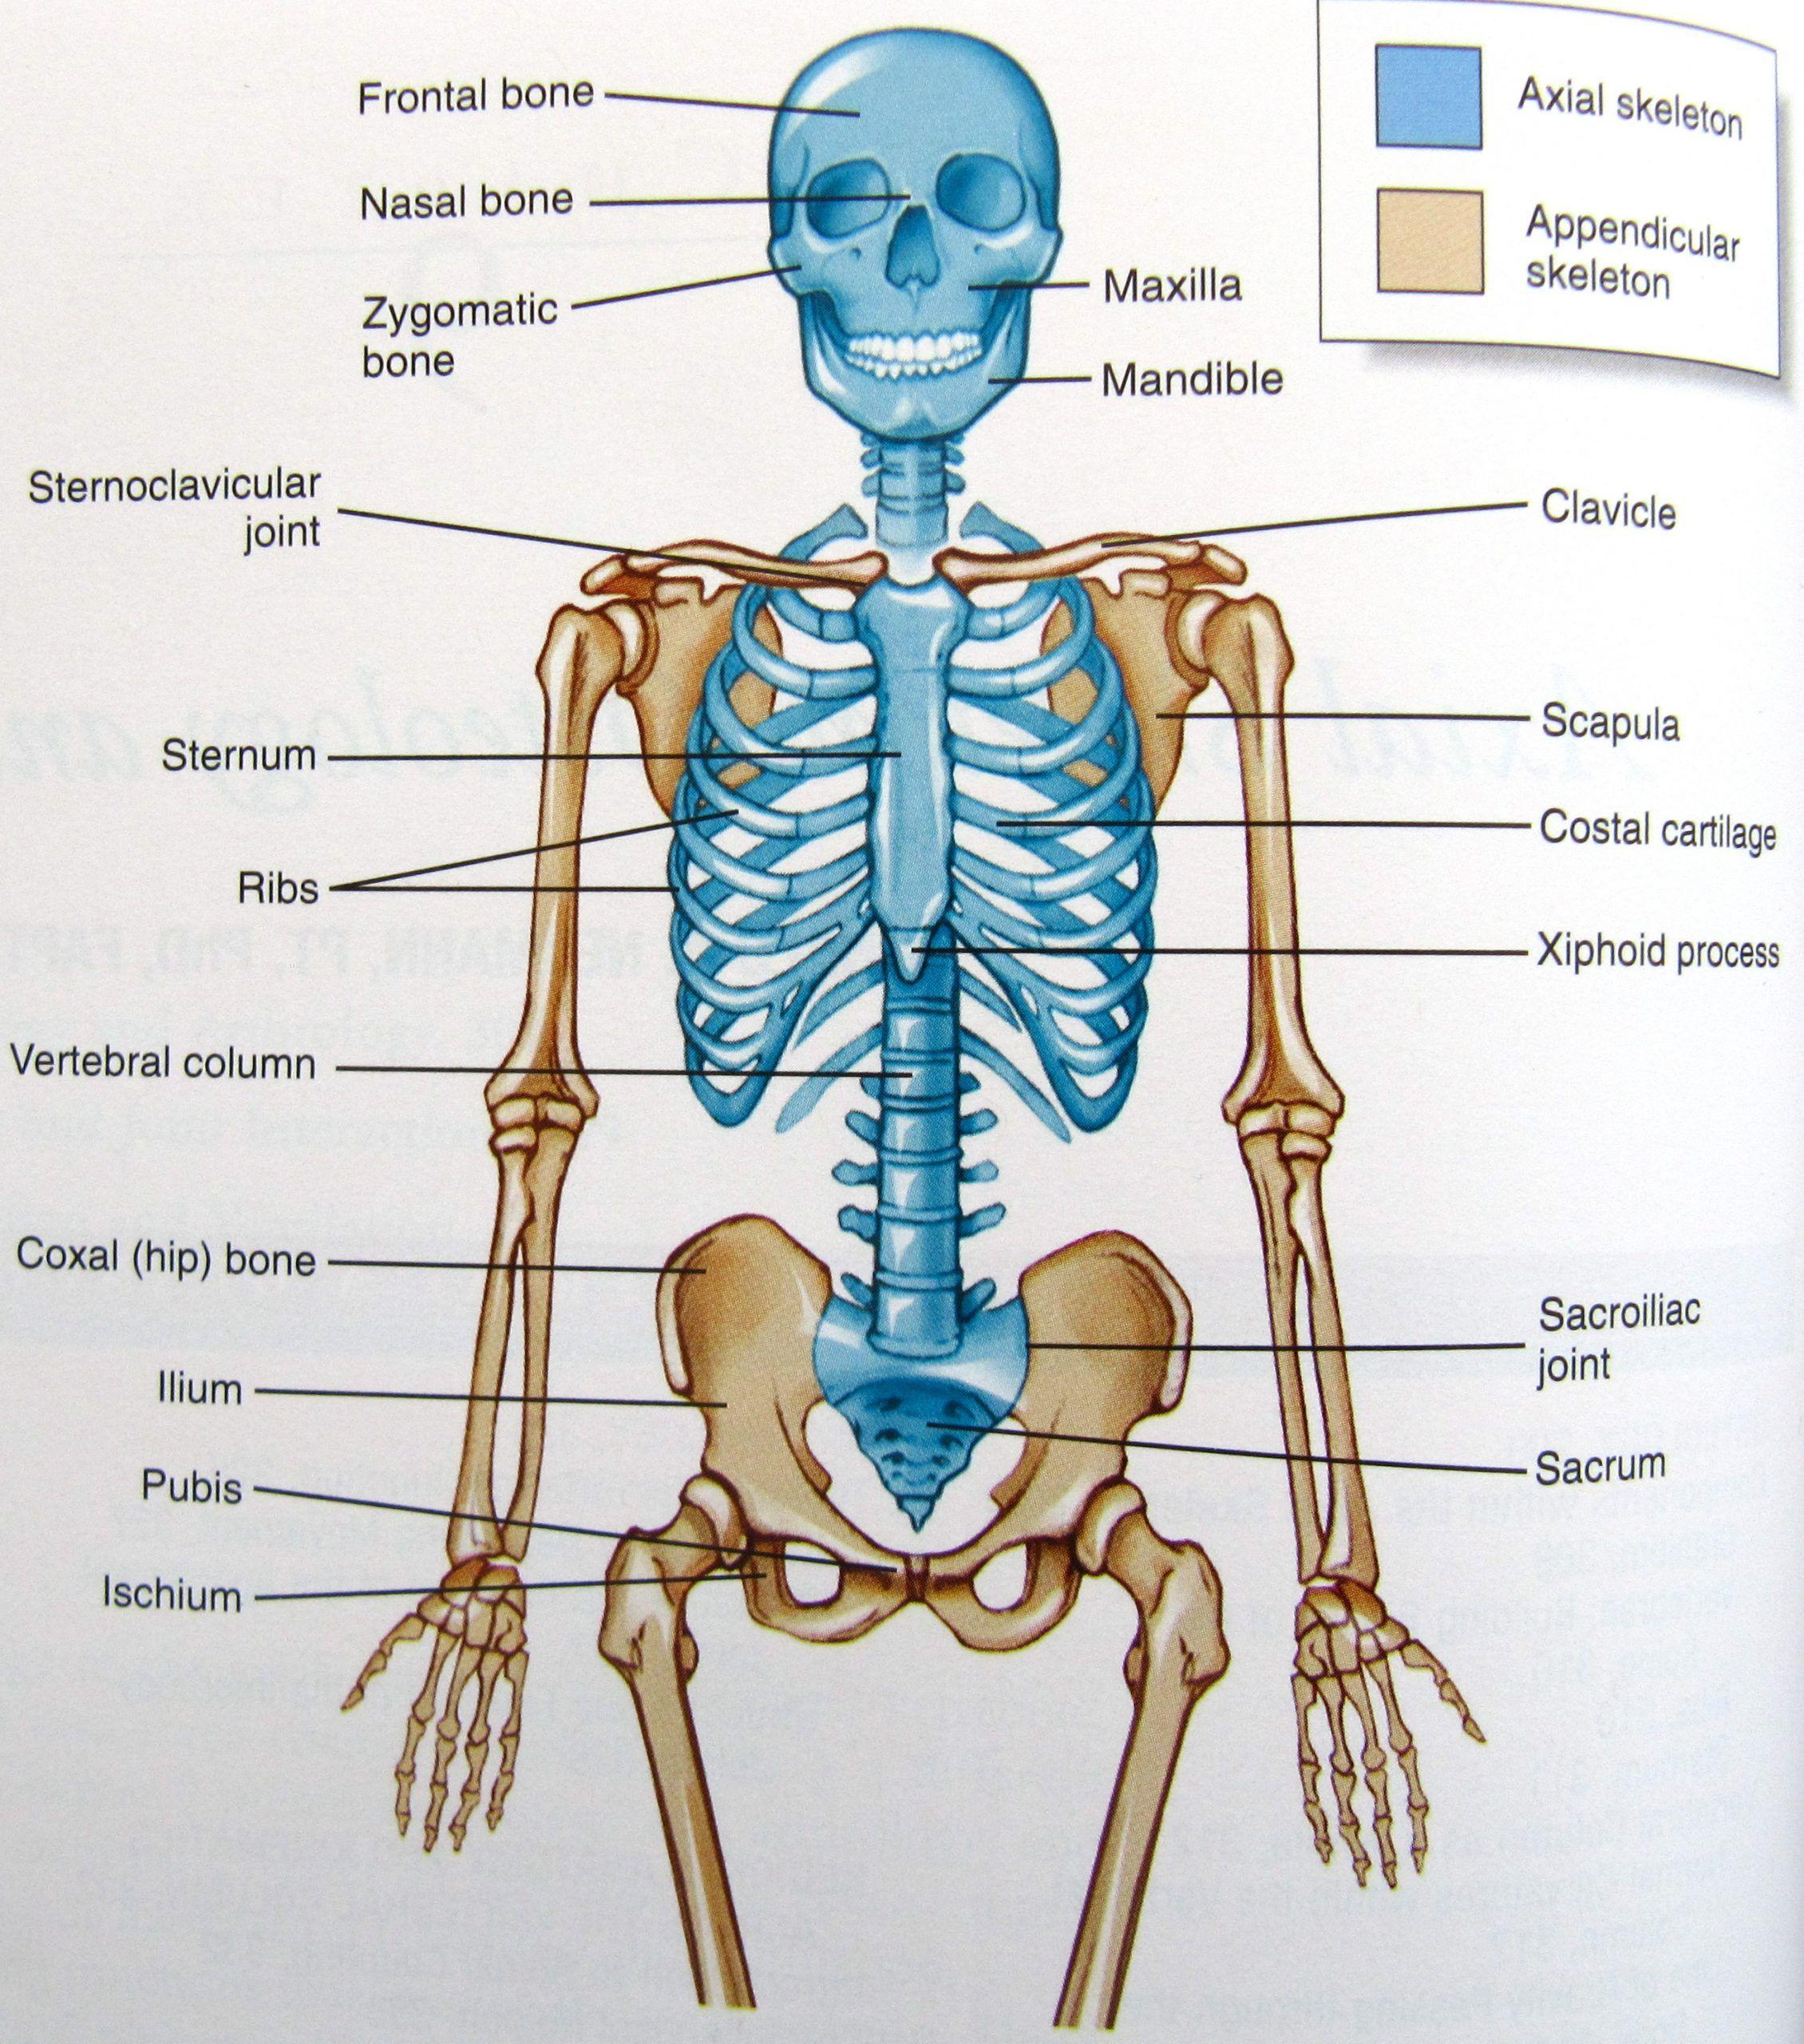 Labeling The Skeleton Worksheet Hand Skeleton Worksheet Axial Skeleton Human Organ Diagram Anatomy Bones